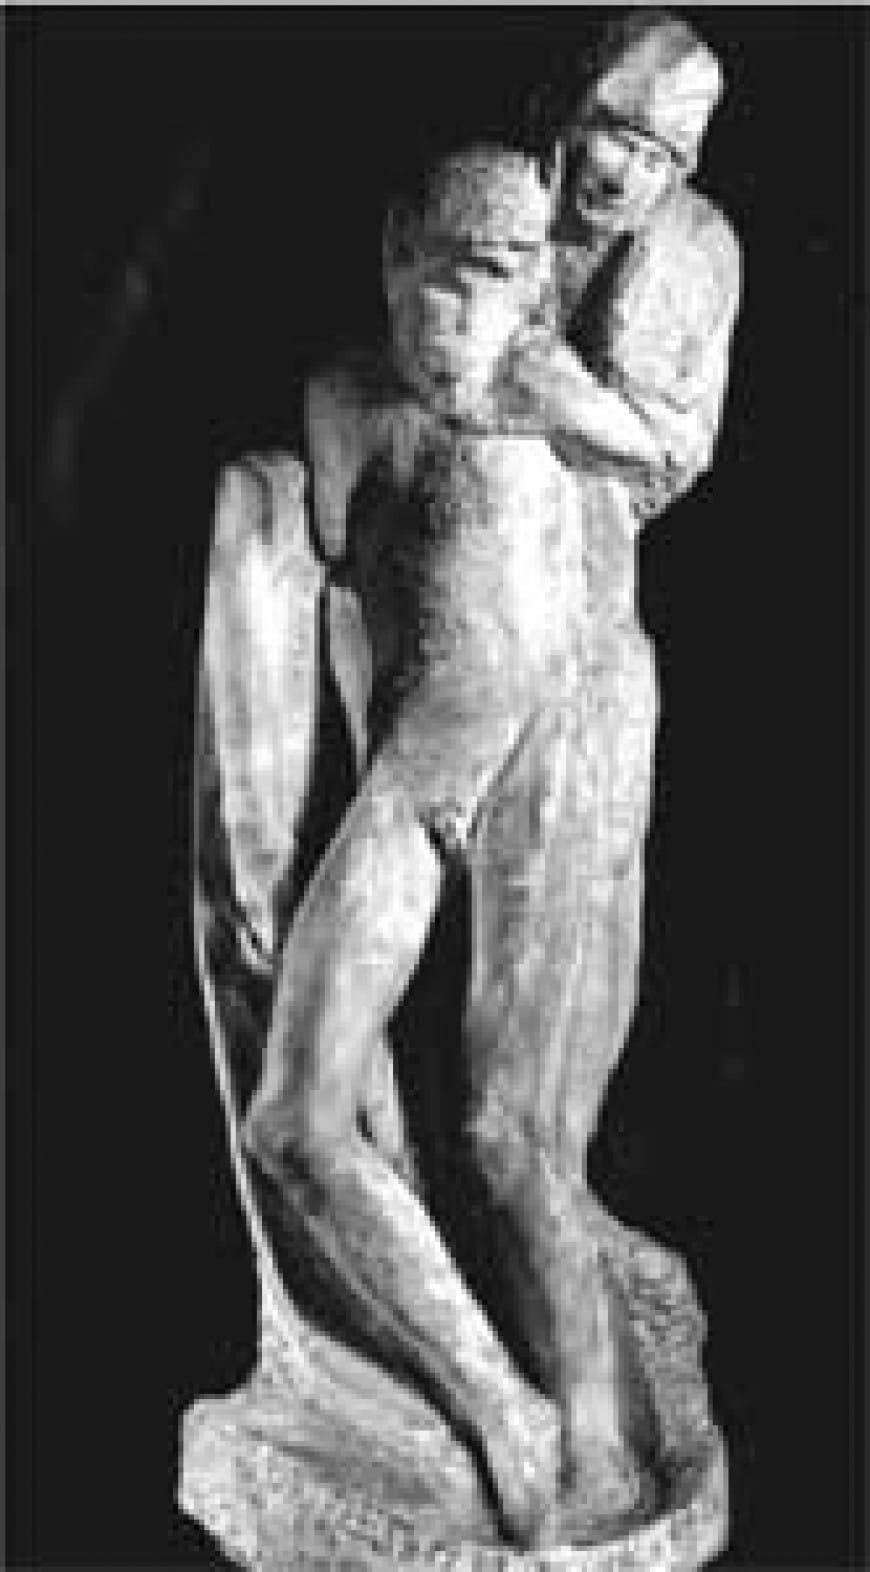 Qual è il nome dell'opera in figura e chi ne è l'autore?